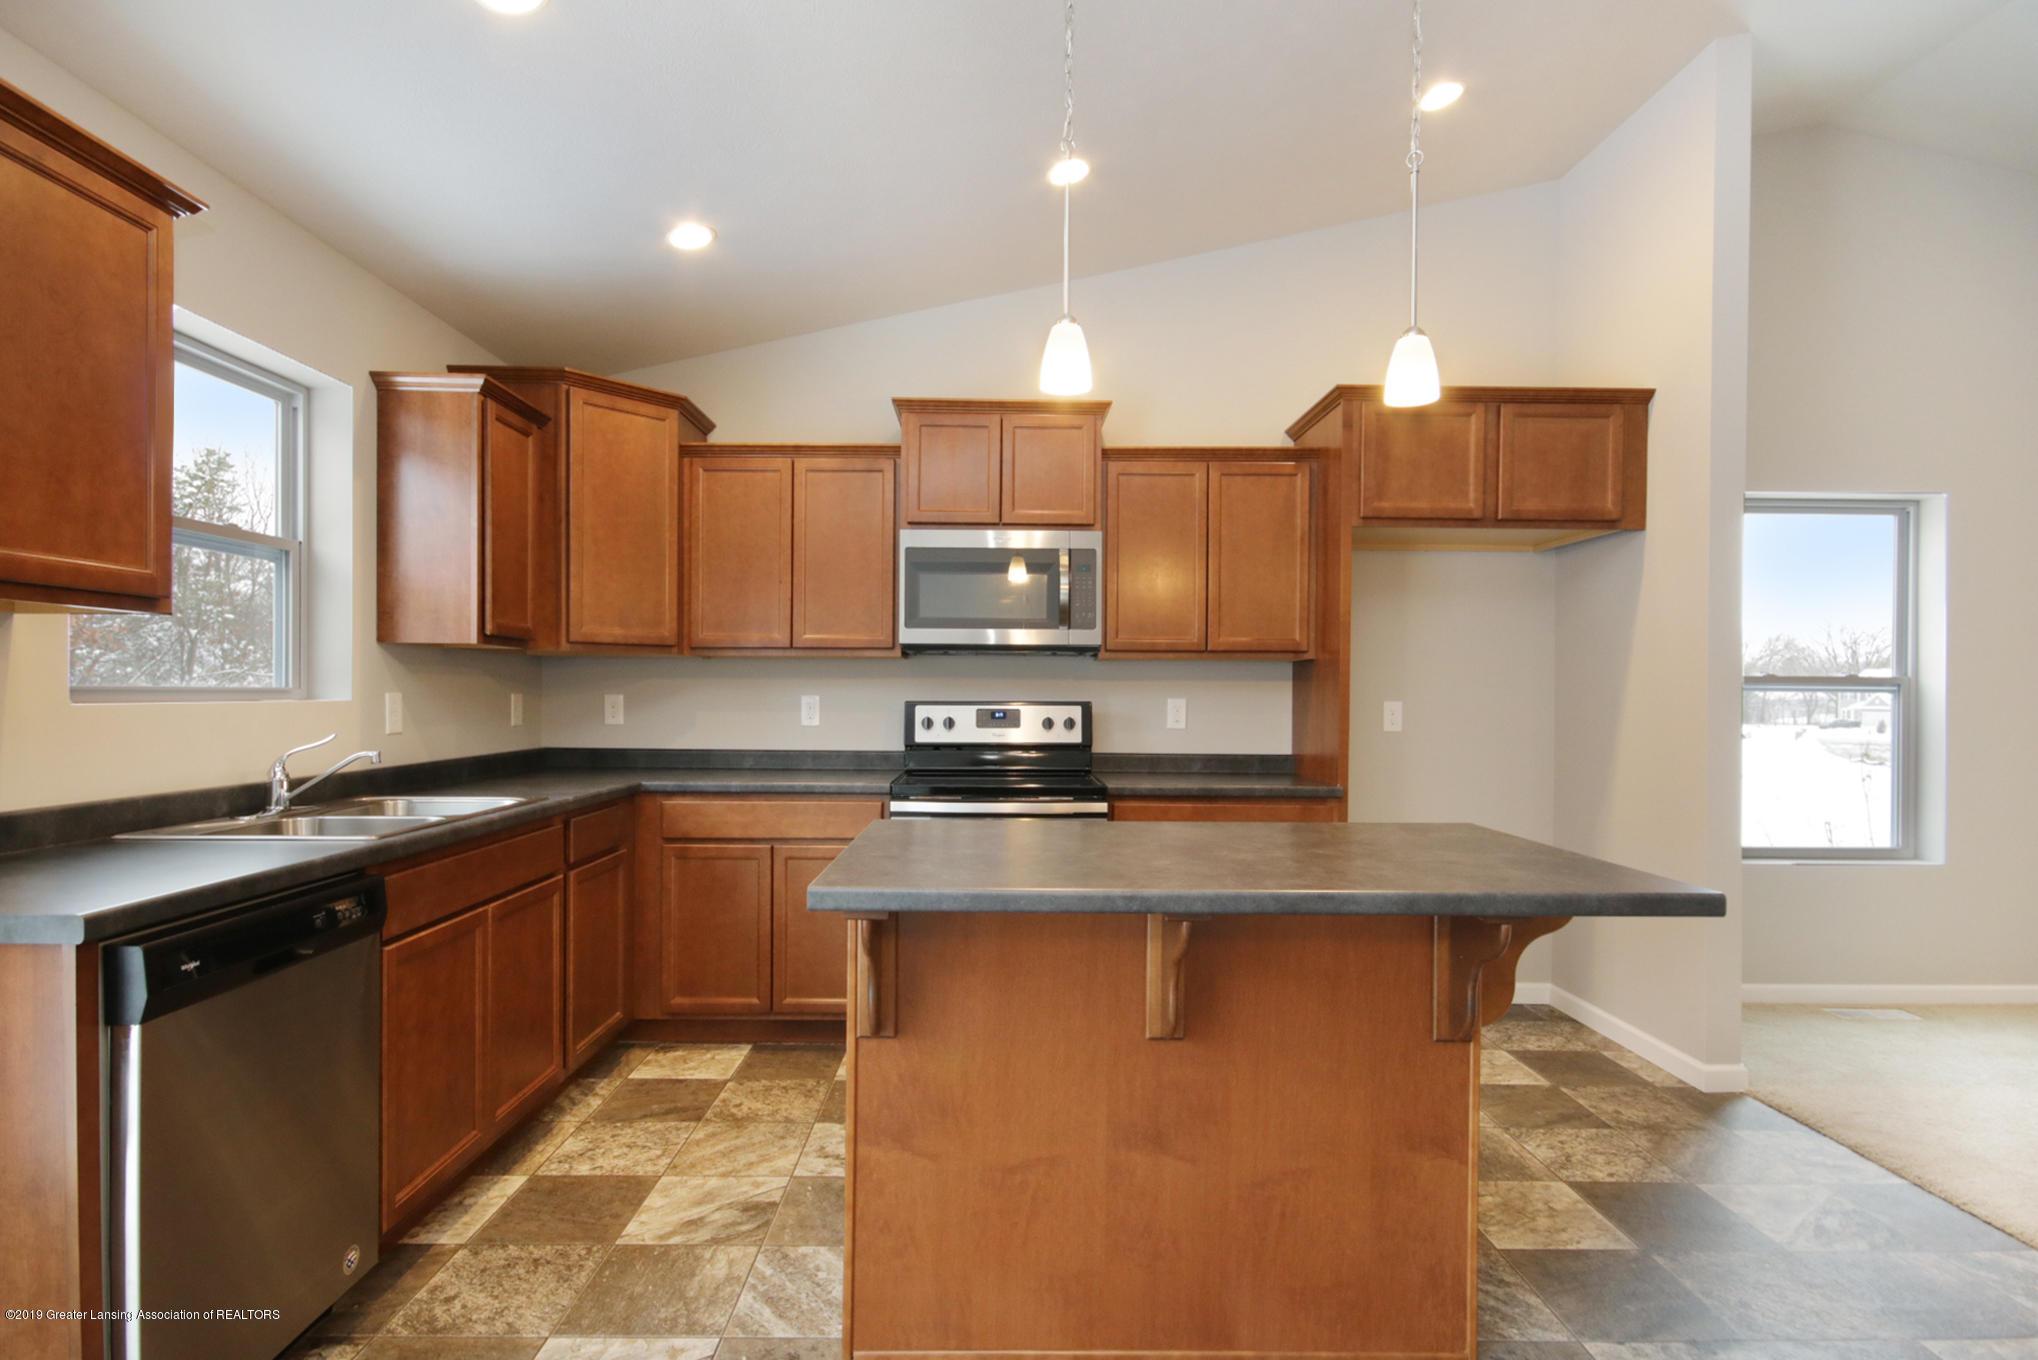 14171 Cordaleigh Dr - GSC035-E1600 Kitchen3 - 6